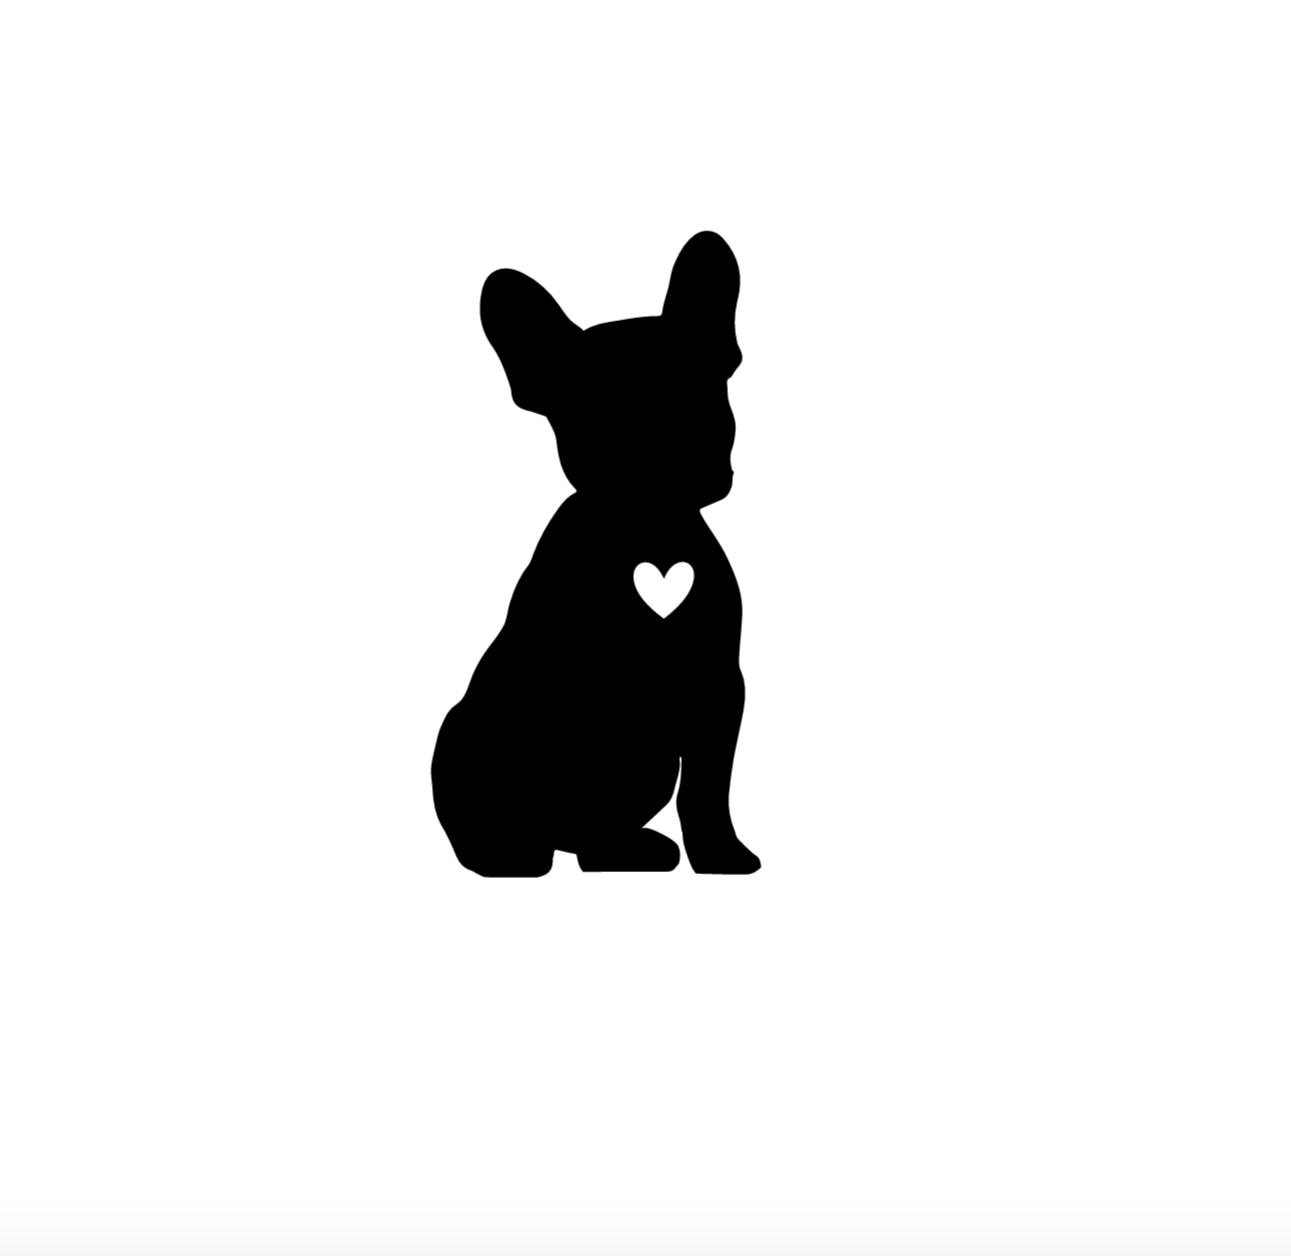 Chalkboarddogs French Bulldog Canine Silhouettes Drawing Silhouette Drawing Bulldog Drawing Bulldog